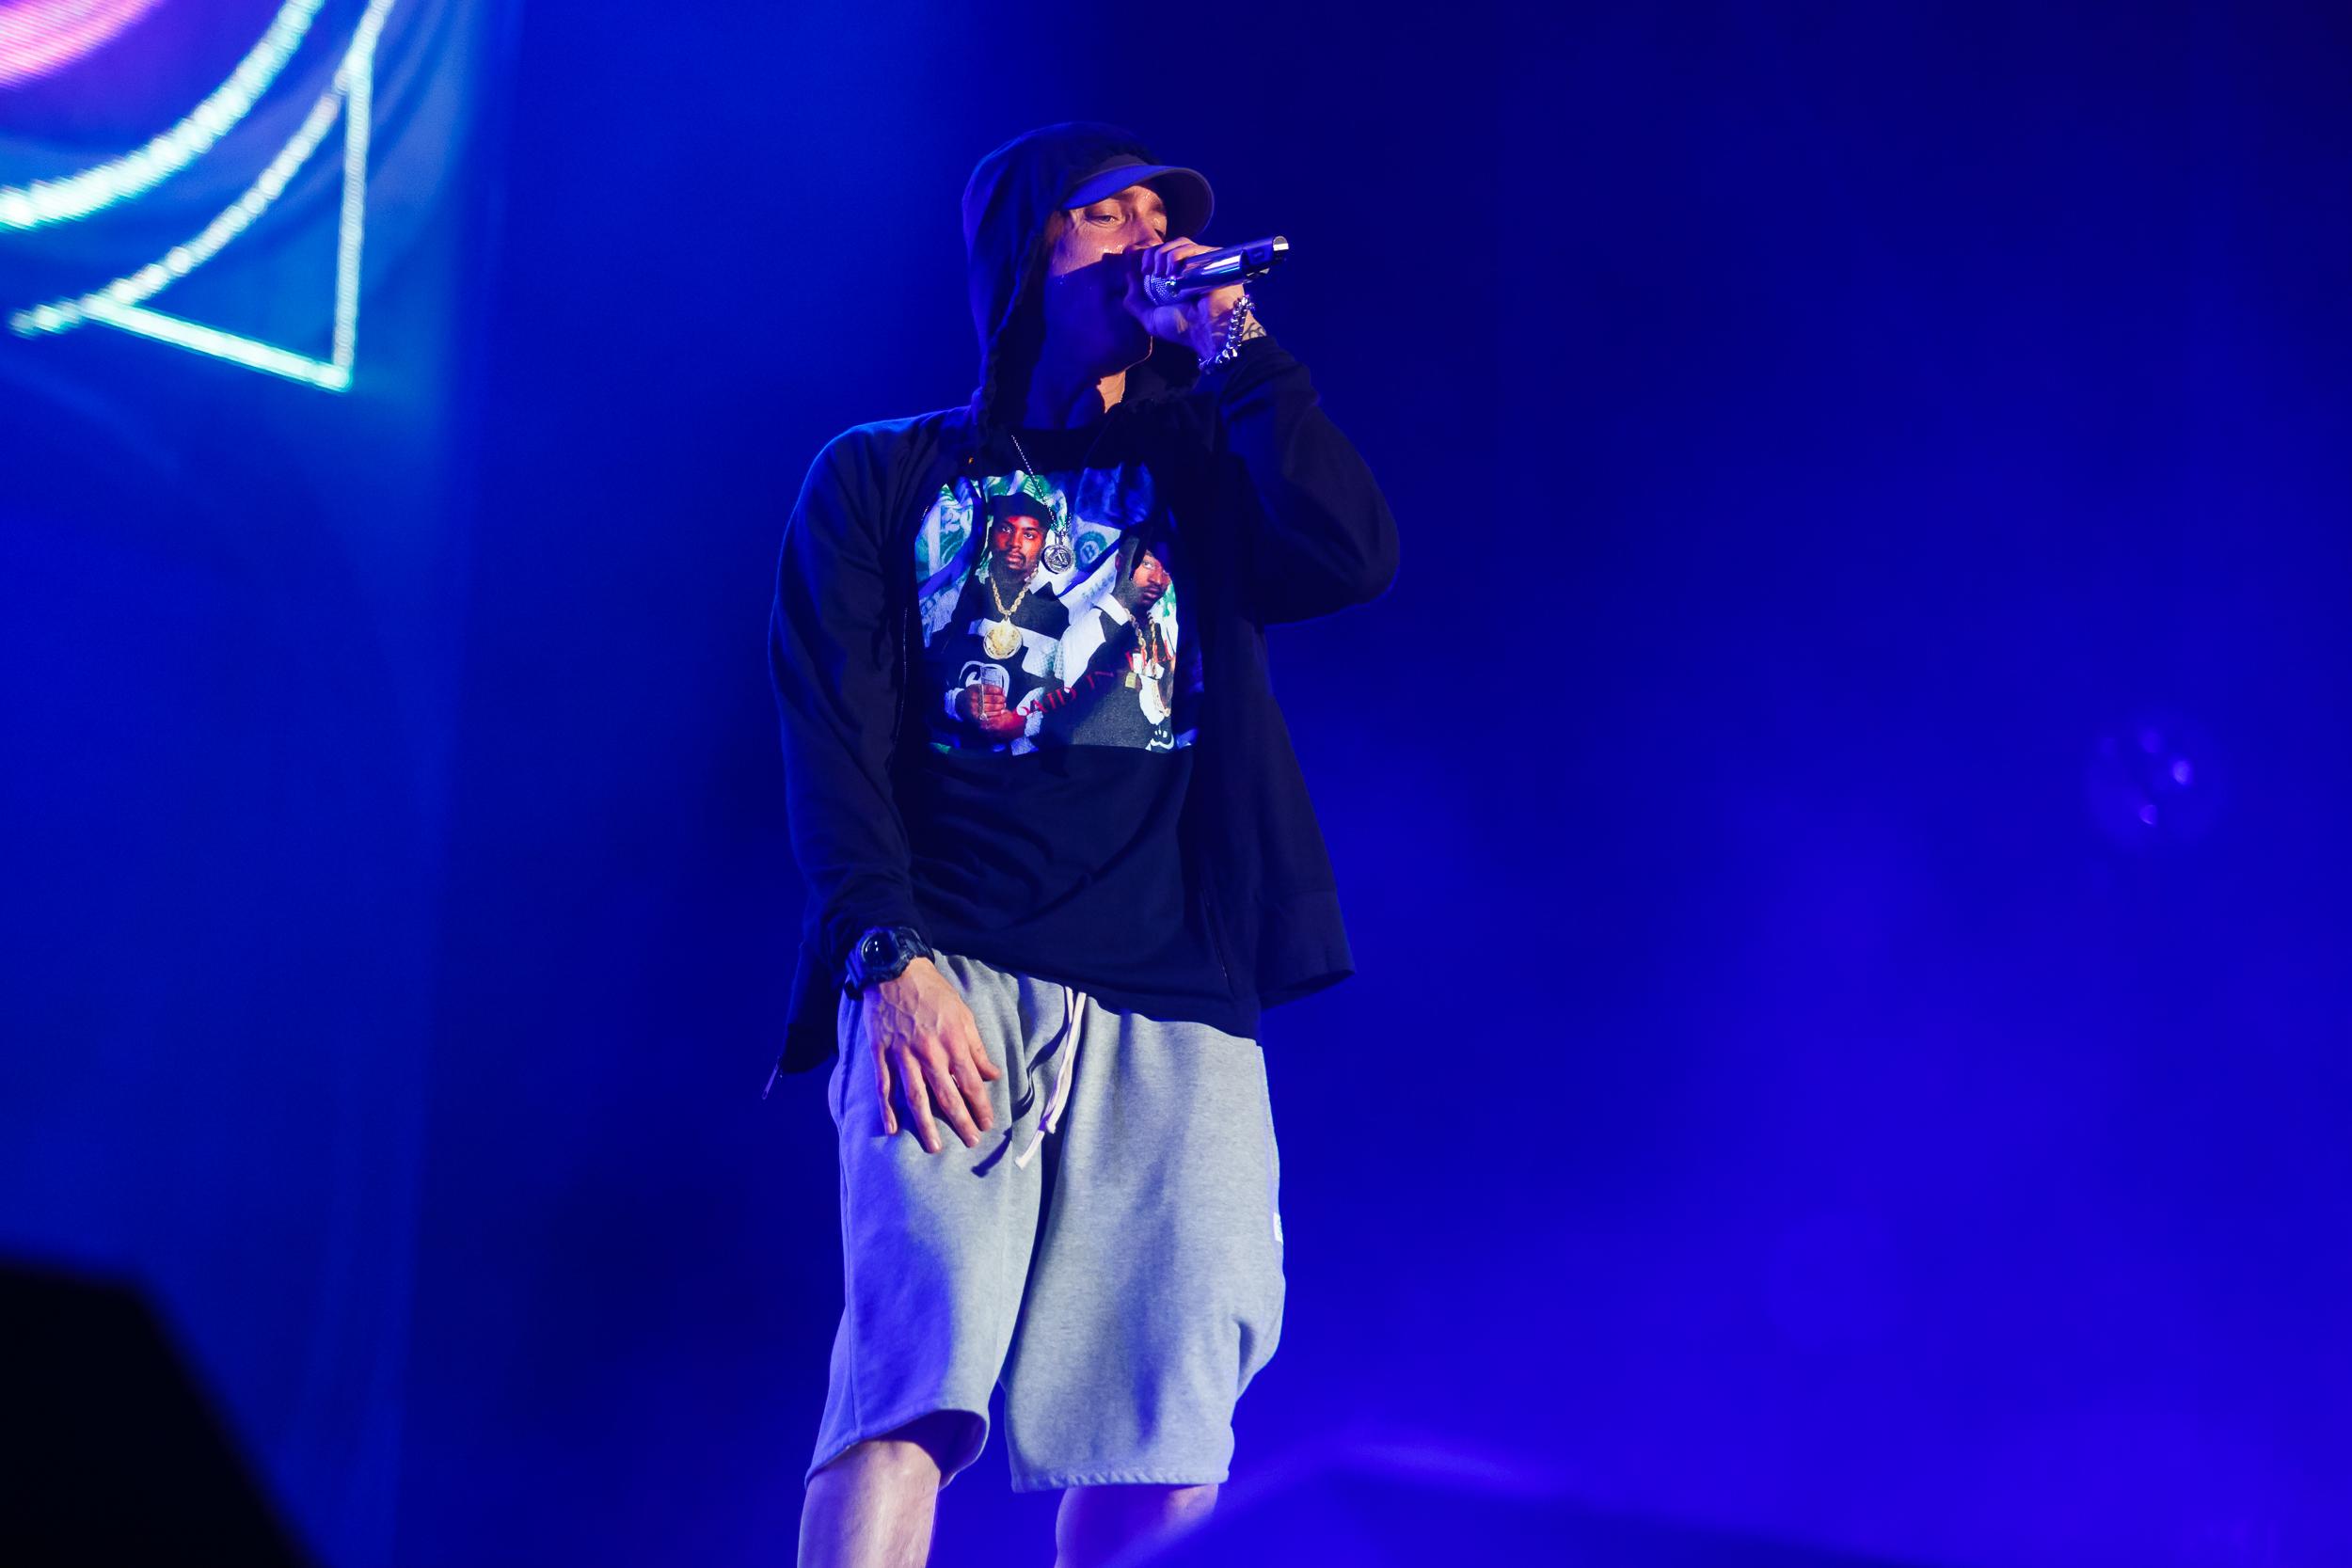 Eminem_photo14.jpg